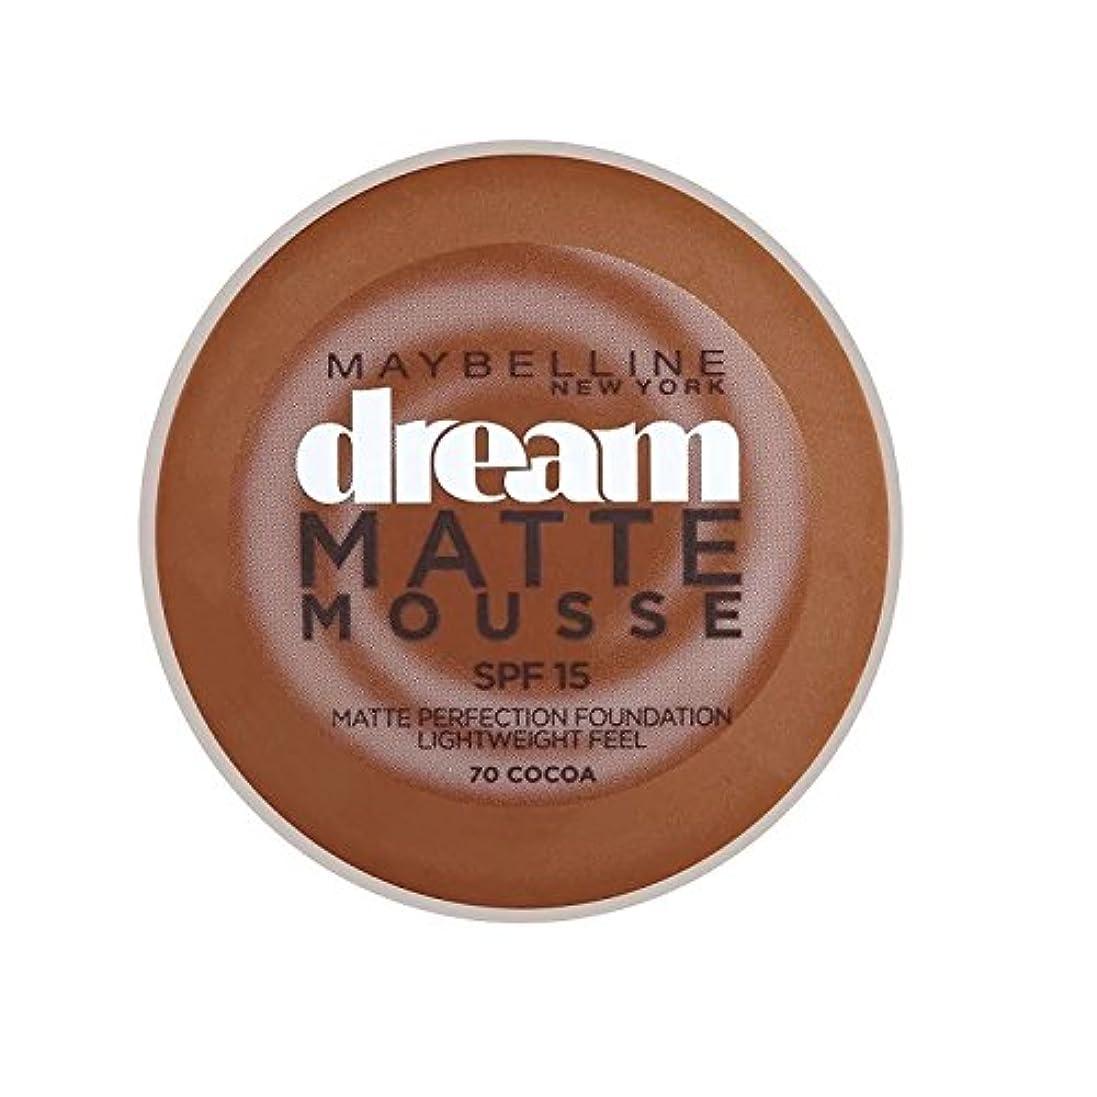 忘れられない嫌な杖Maybelline Dream Matte Mousse Foundation 70 Cocoa 10ml (Pack of 6) - メイベリン夢のマットムース基盤70ココア10ミリリットル x6 [並行輸入品]